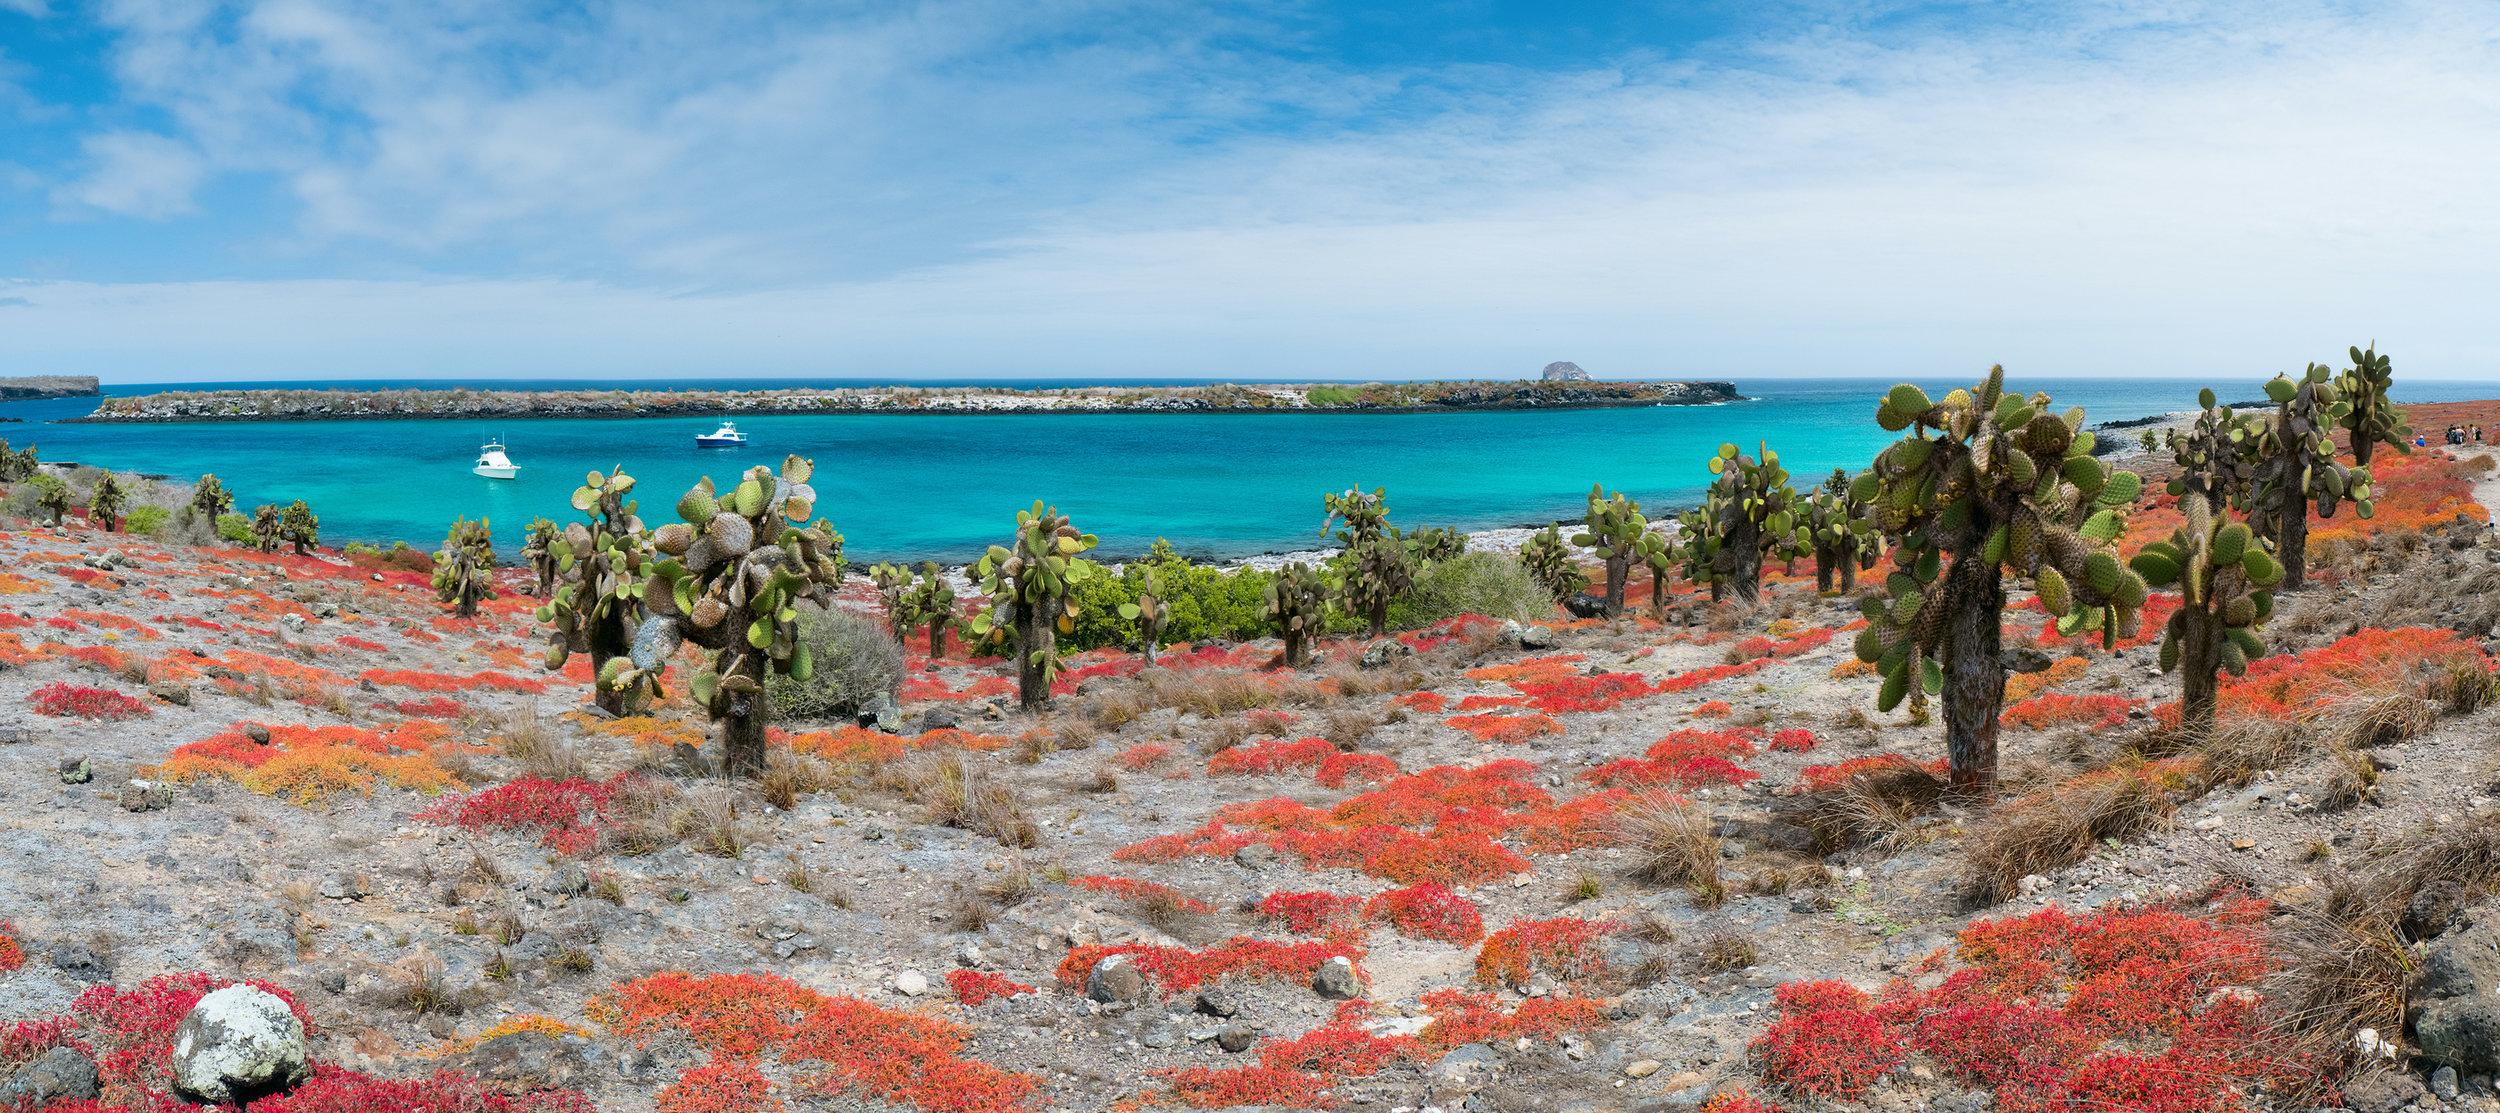 Fra øy til øy på Galapagos - øyhopping Santa Cruz, San Cristobal og Isabela.Vandre mellom sjøløver, iguaner, skilpadder og  mange forskjellige fuglearter - reis til Galapagos med Espnes